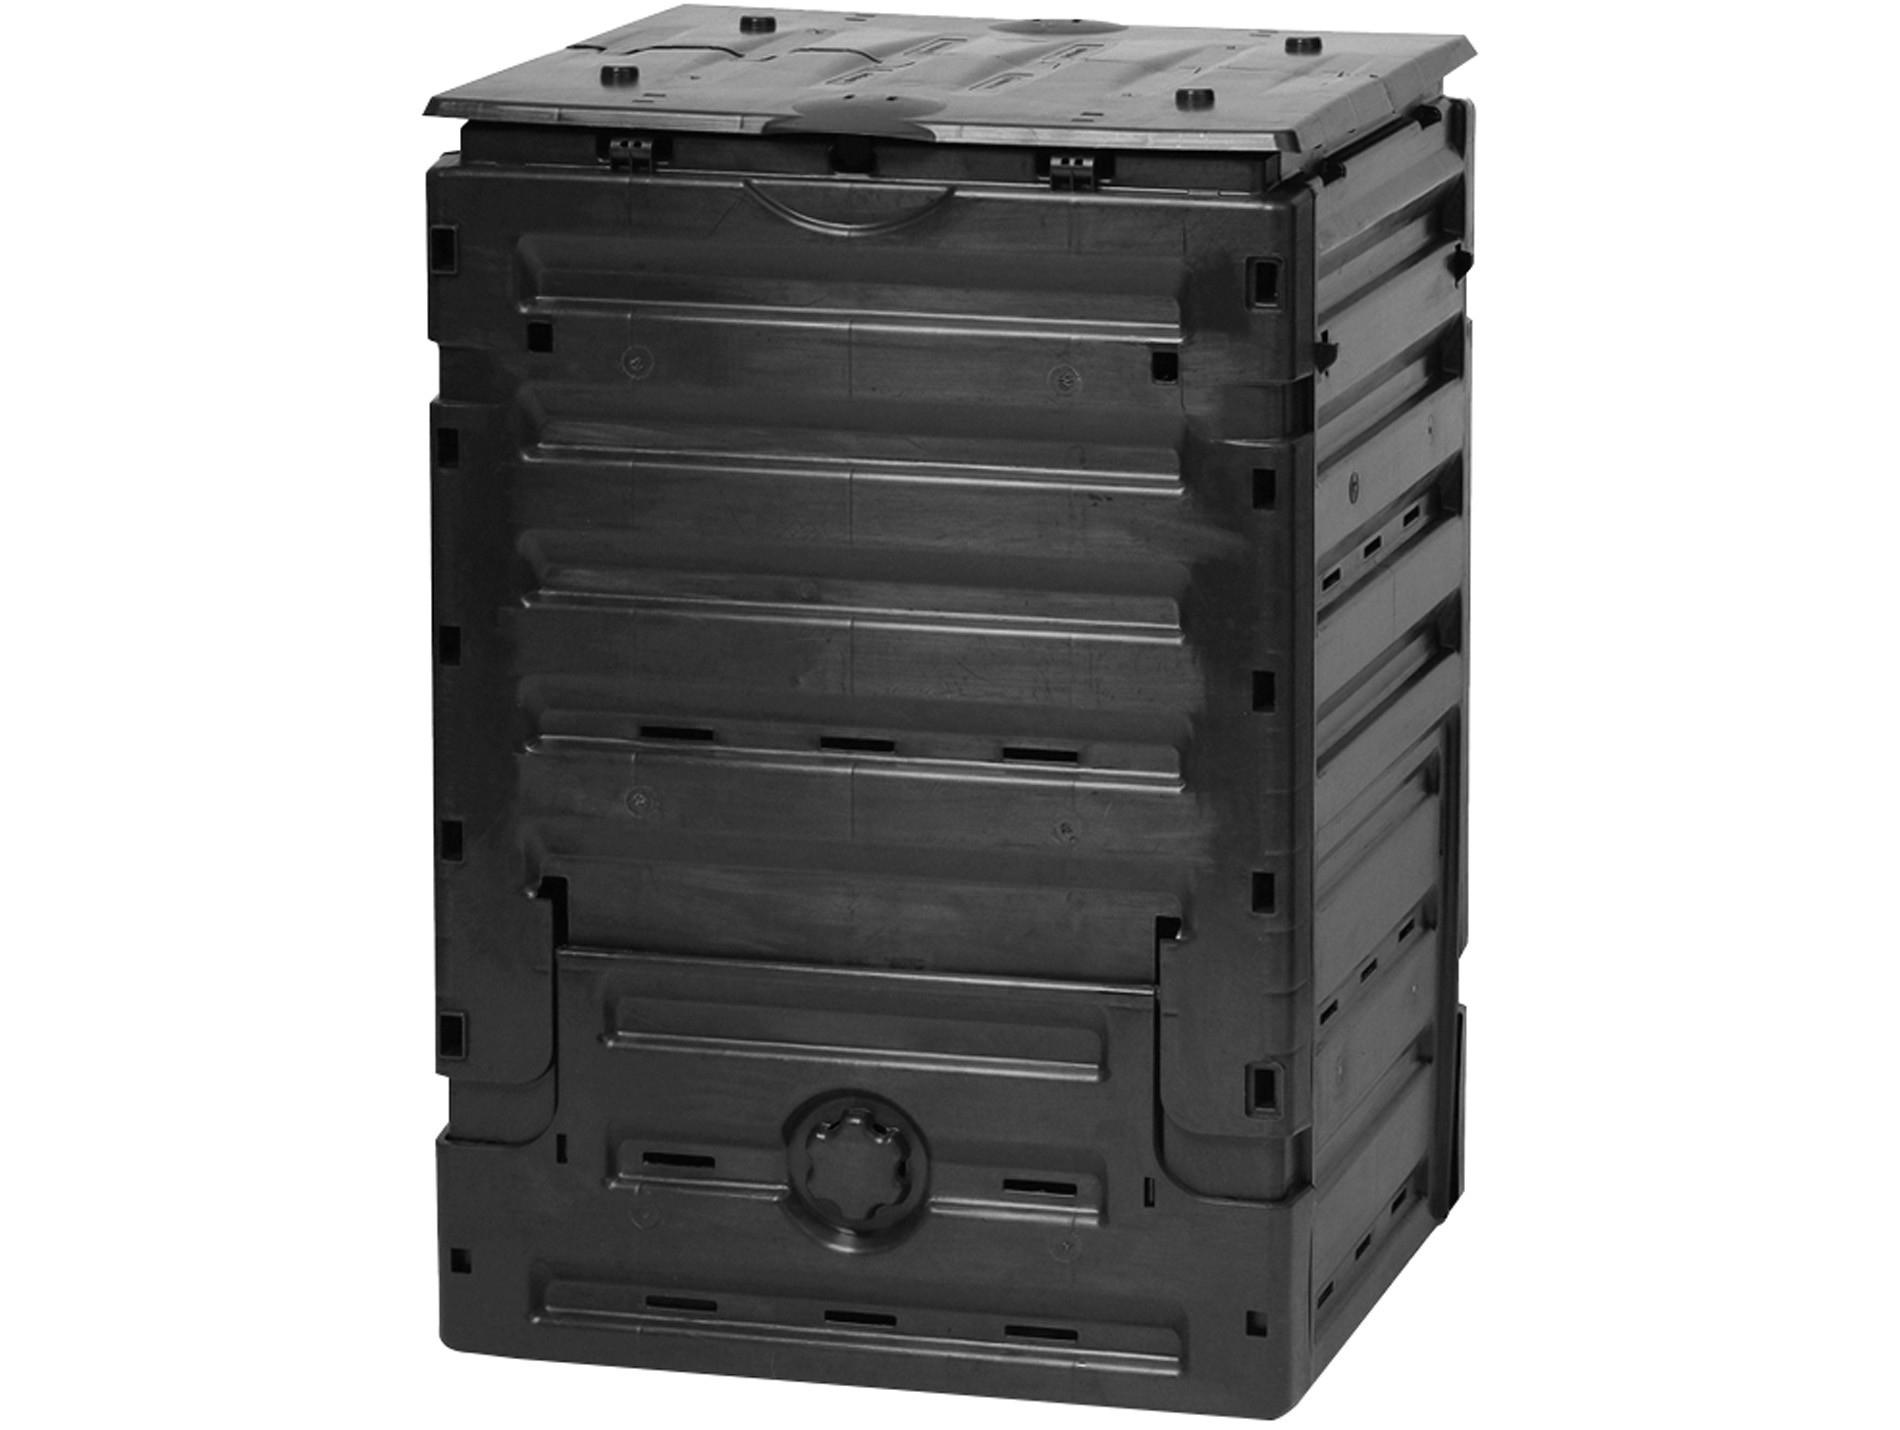 Composteur Eco Master 450L - Composteur, Incinérateur De ... dedans Incinerateur Jardin